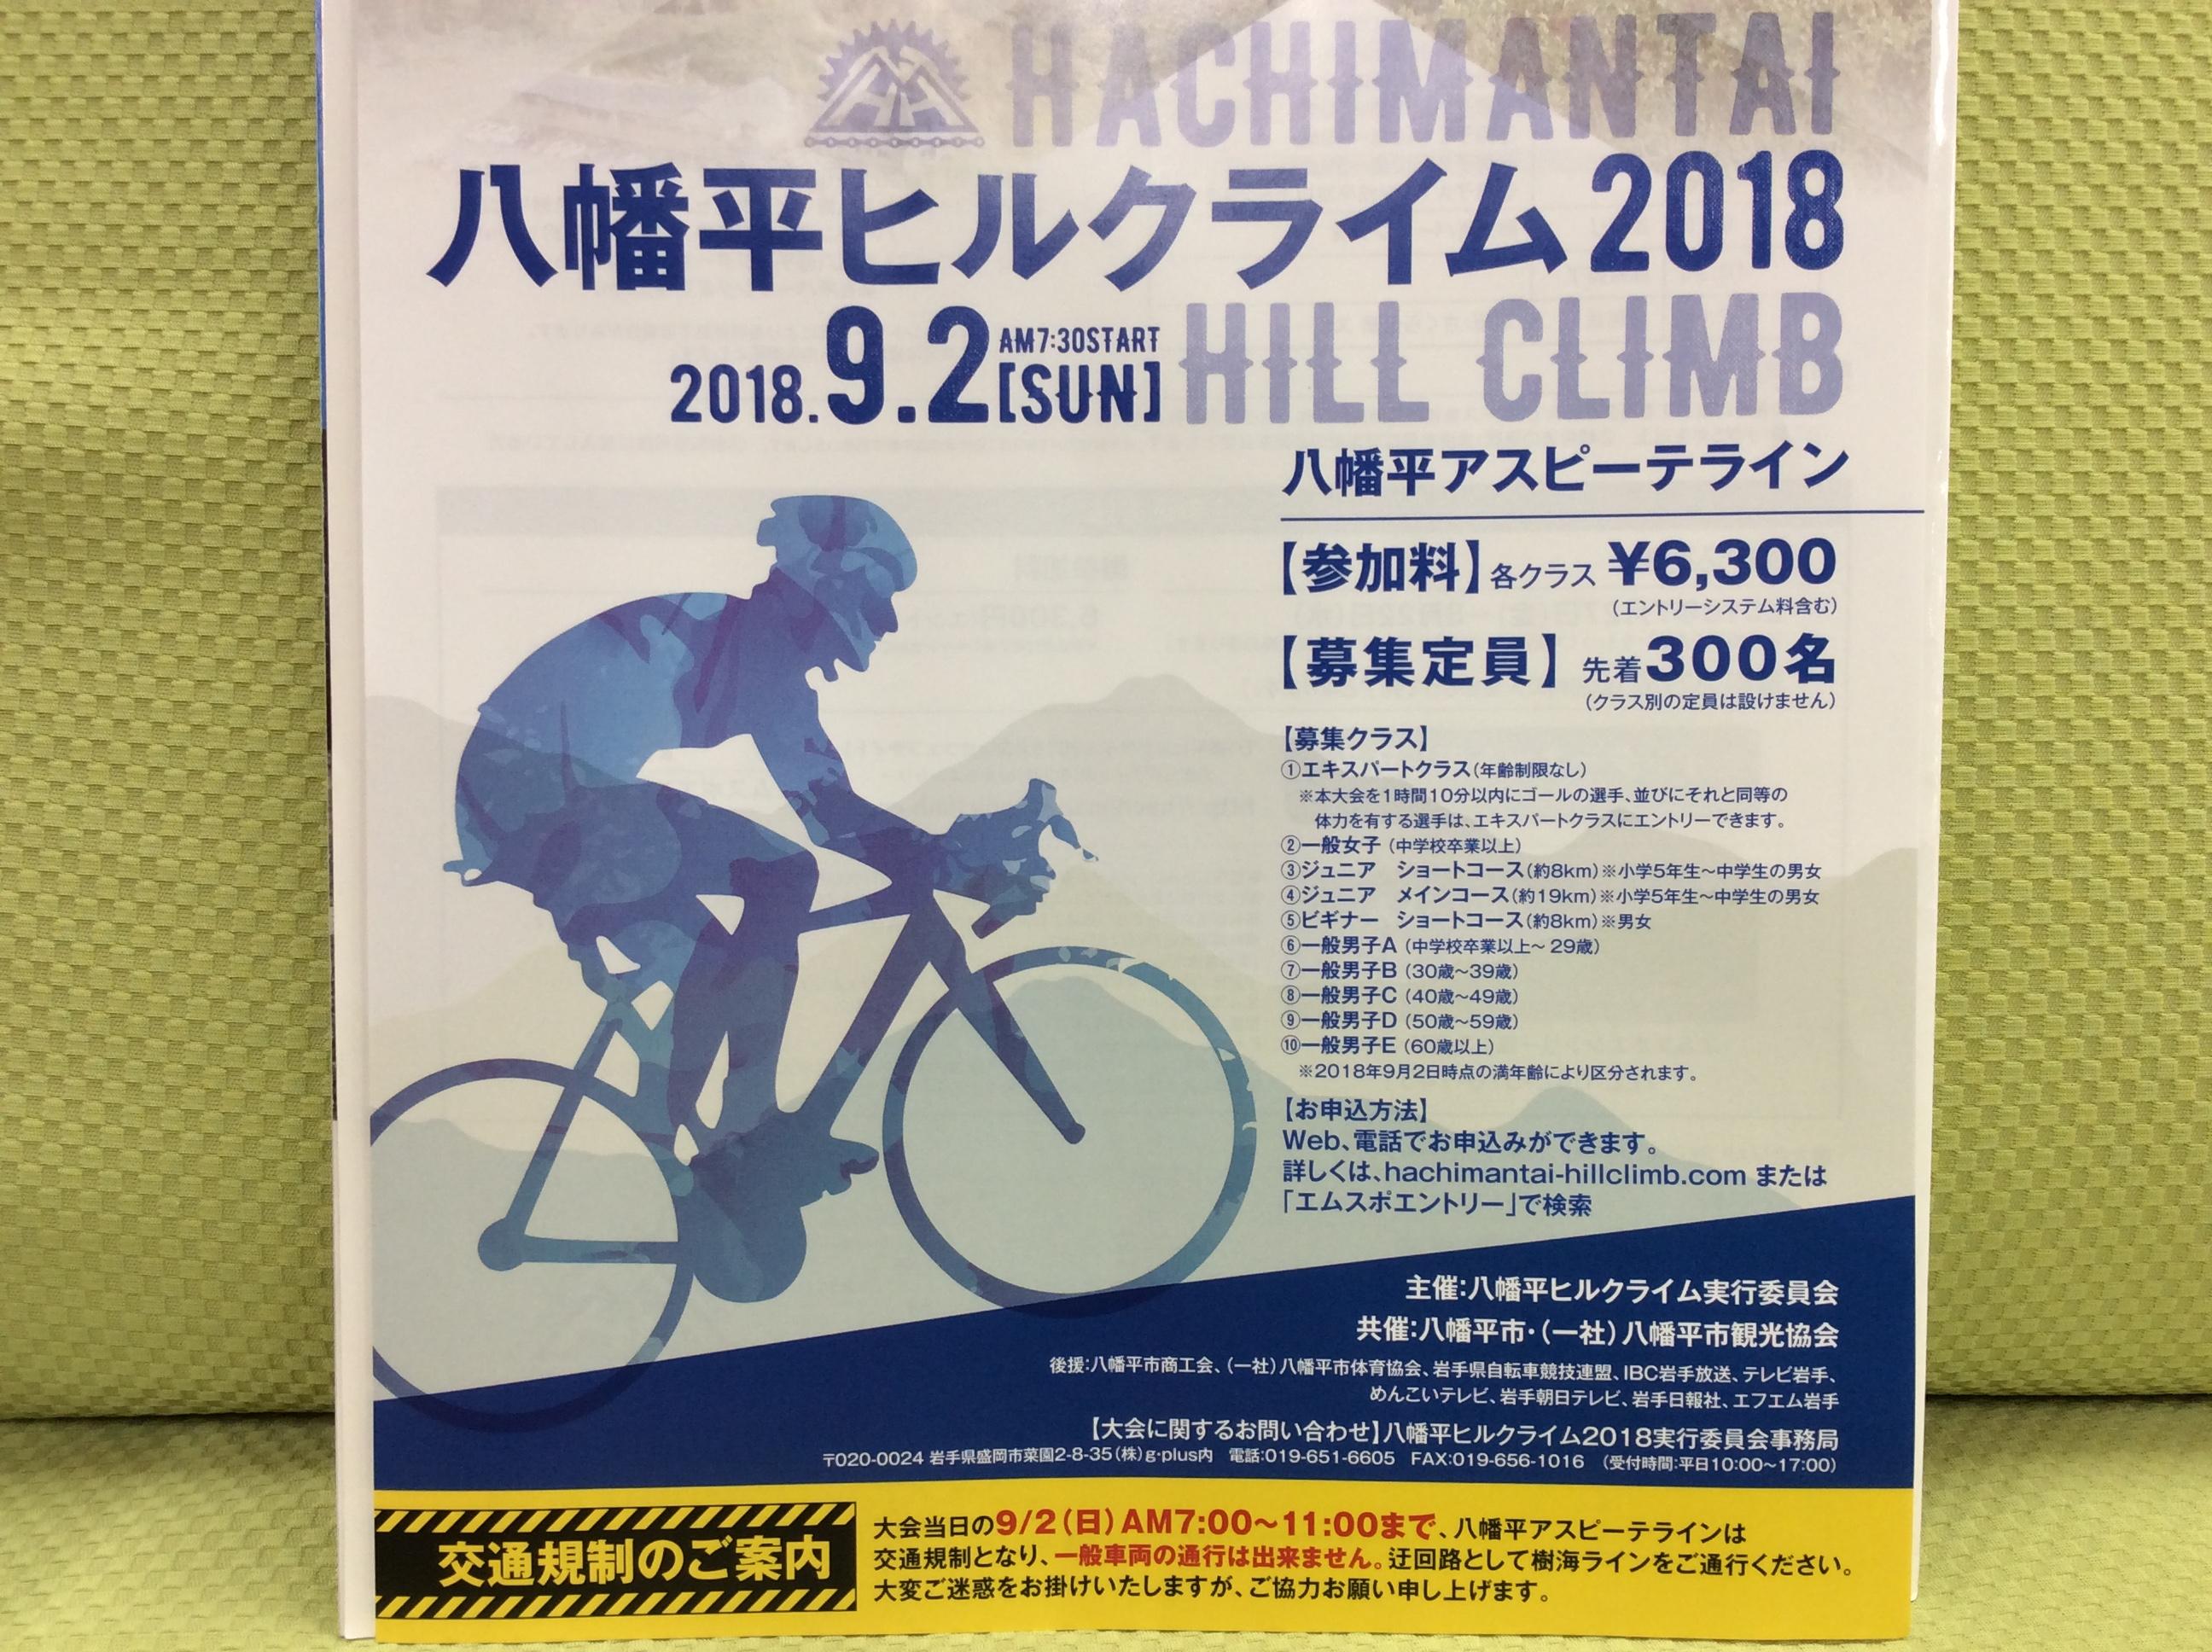 八幡平ヒルクライム2018 エントリー受付中!